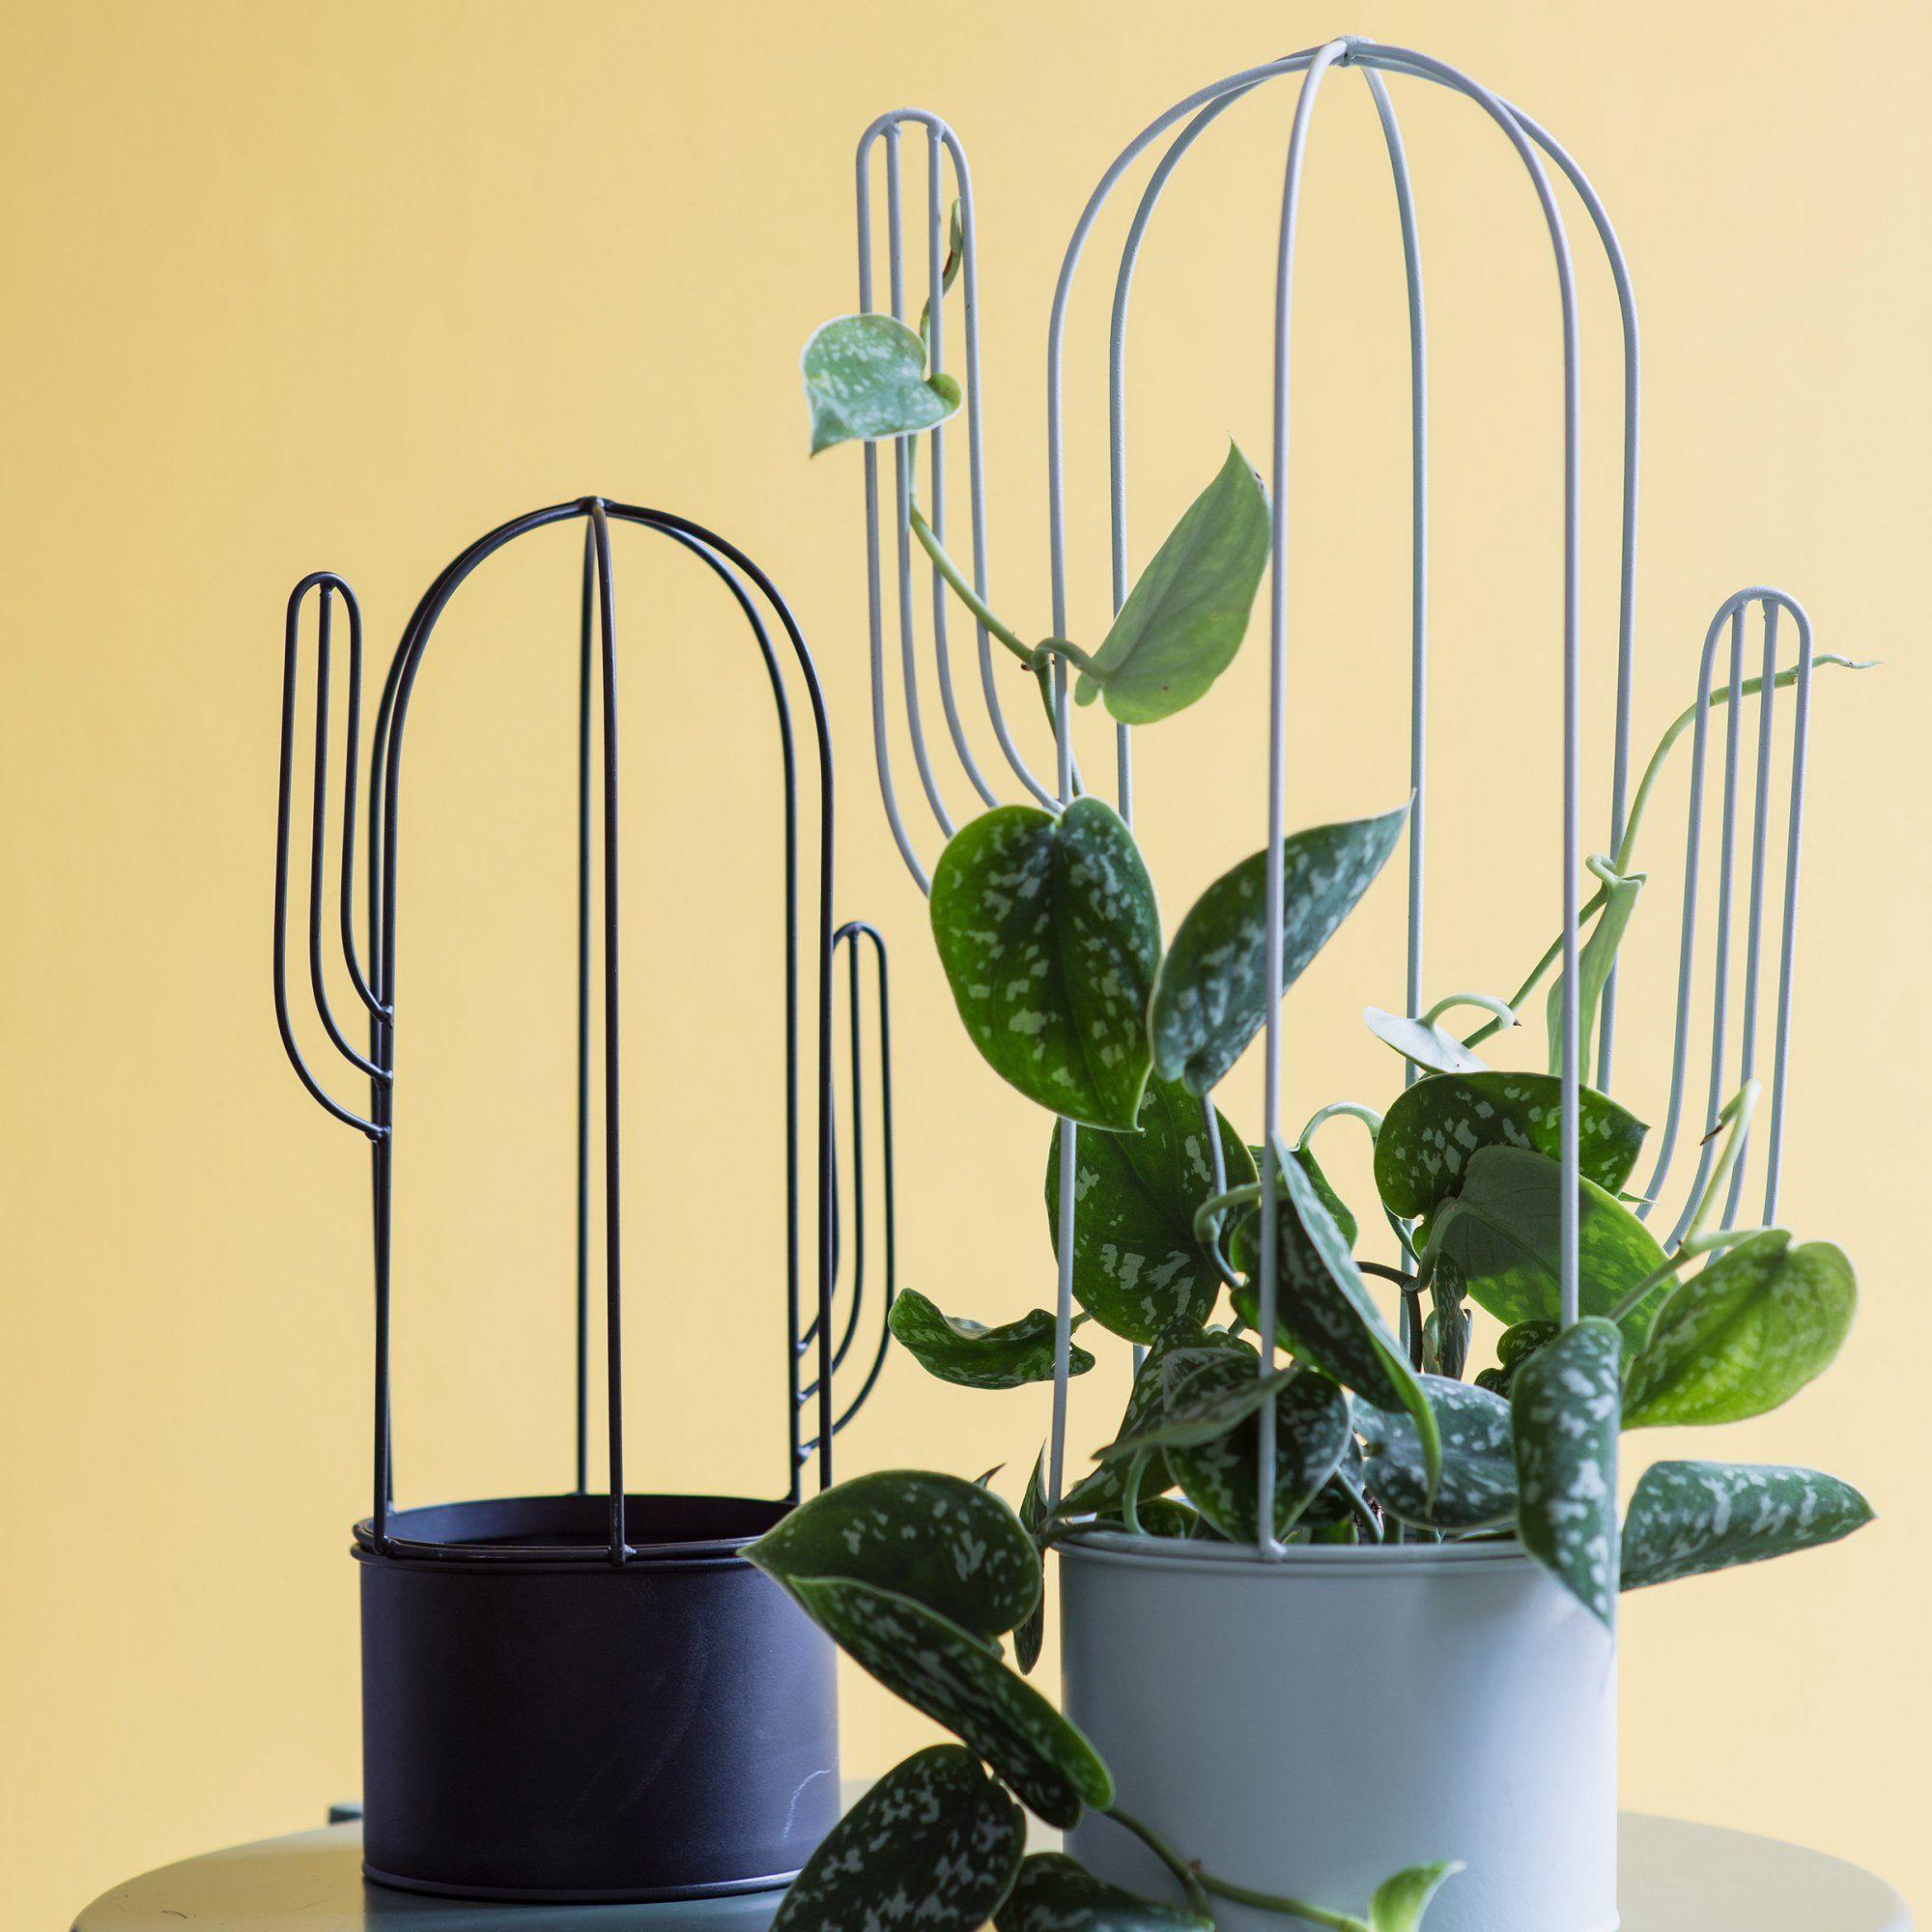 Des Pots De Fleurs Cactus Truffaut Greenpower Cactus Flower Pot Designs Cactus